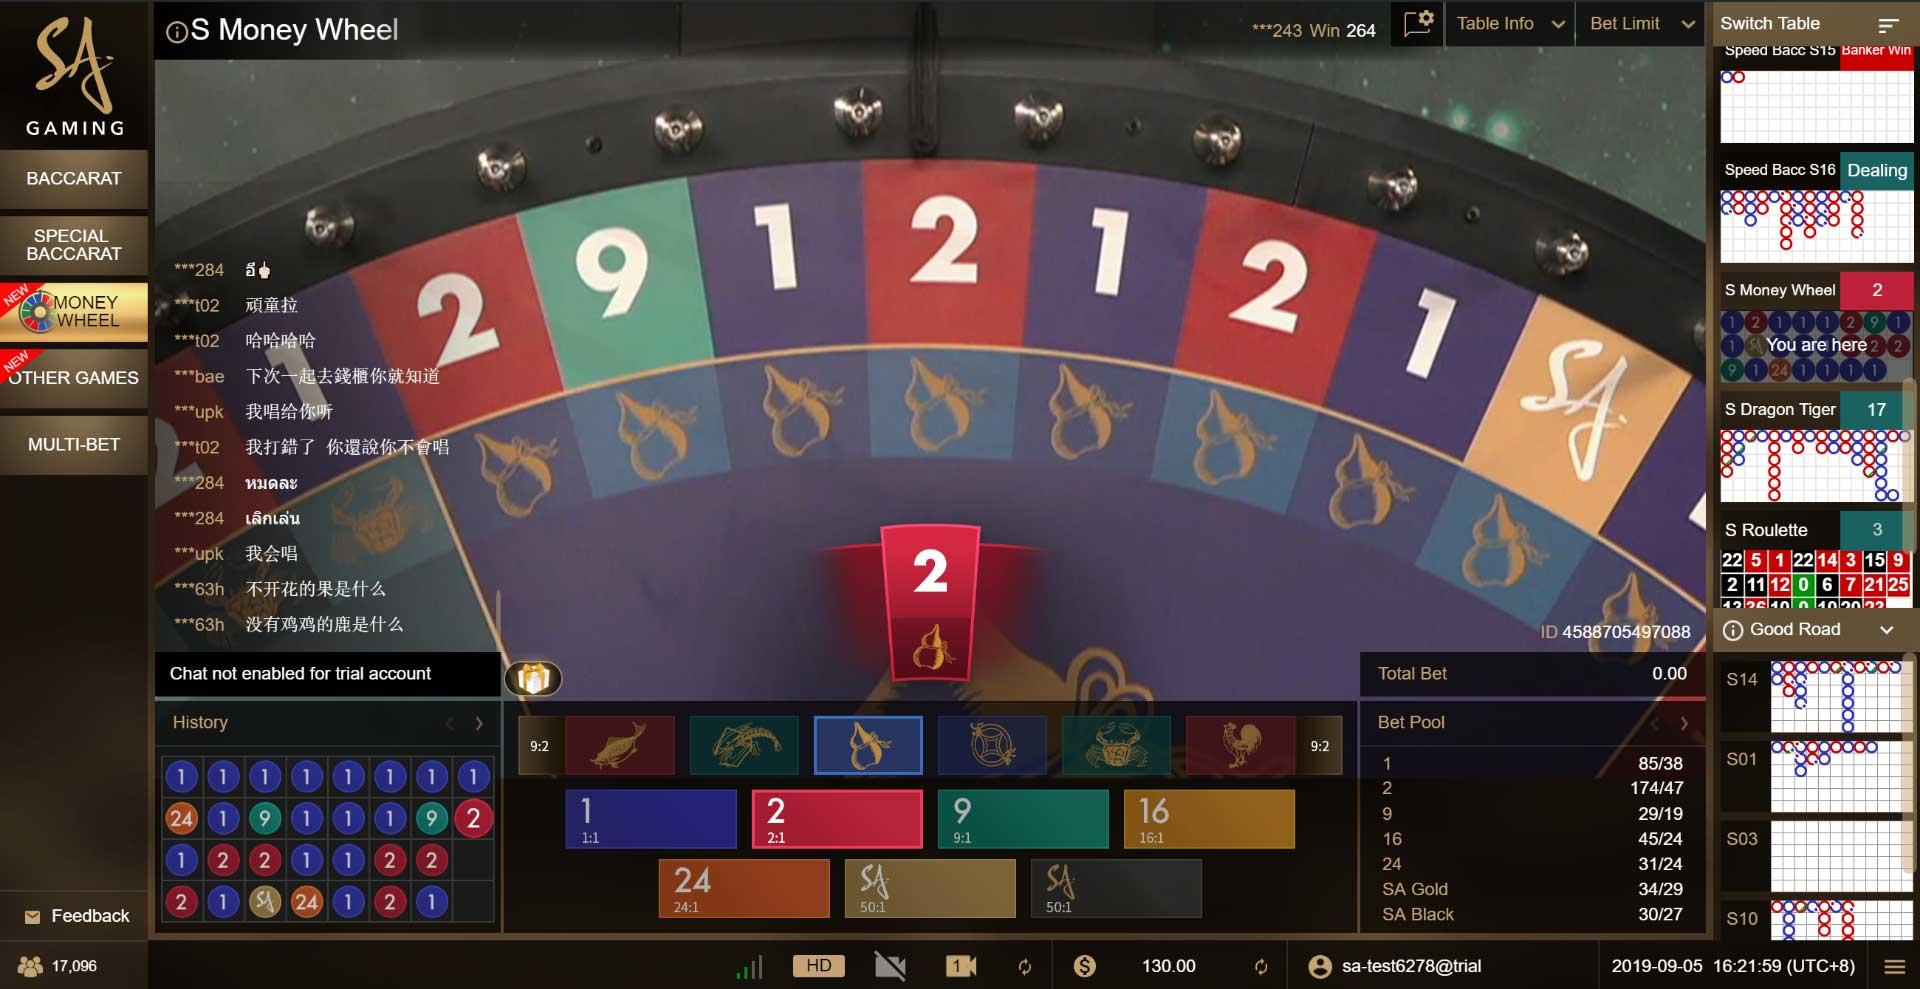 ผลลัพธ์การหมุน ล้อมหาโชค SA Gaming